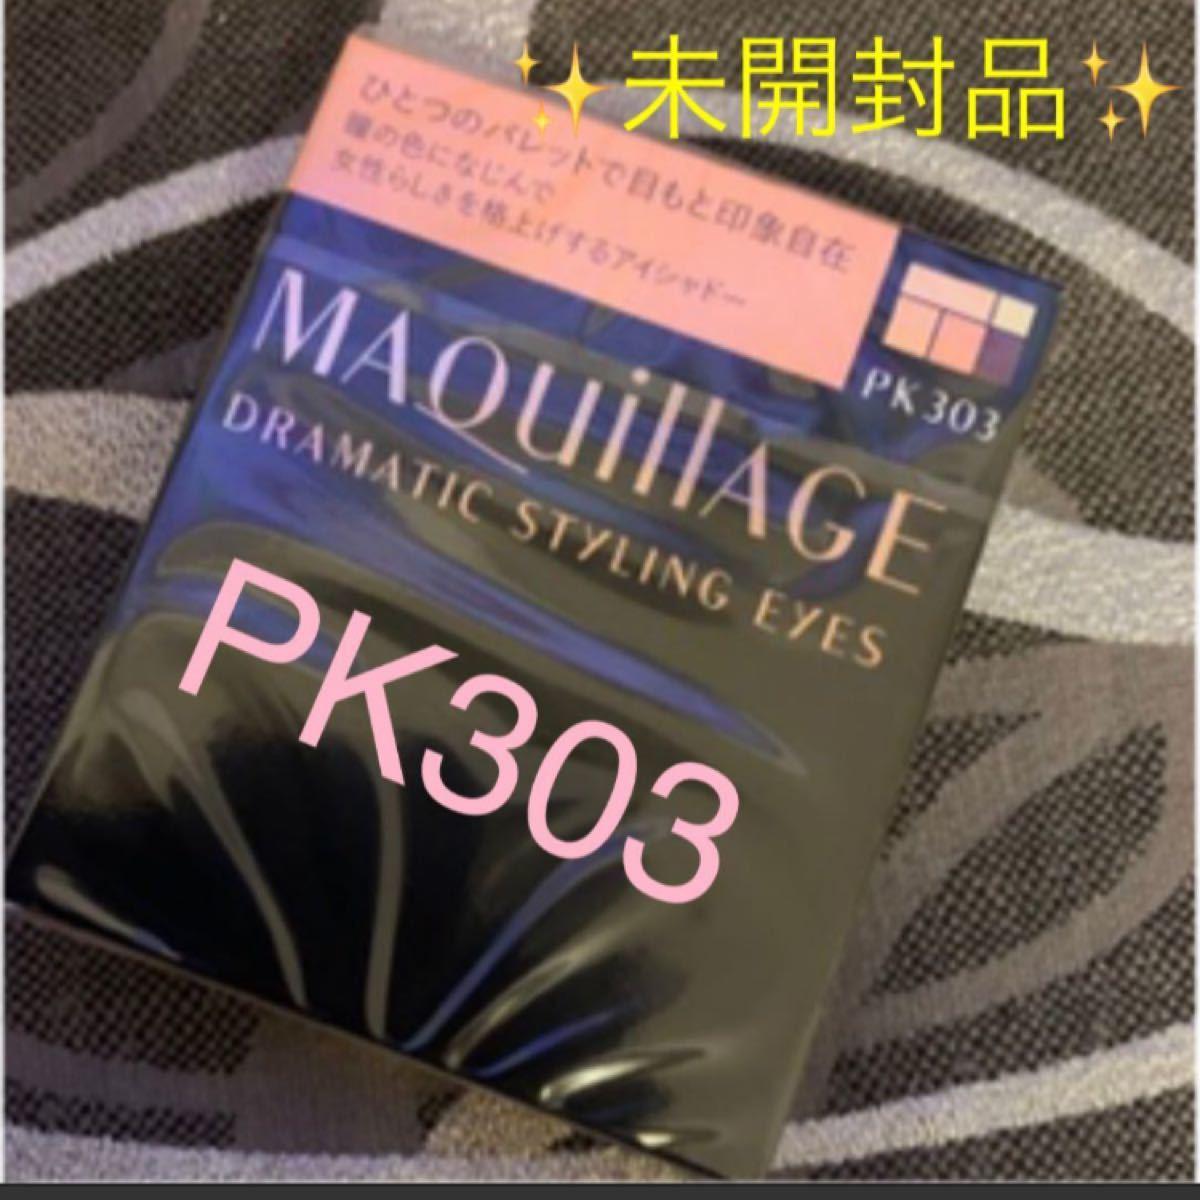 資生堂 マキアージュ ドラマティックスタイリングアイズ PK303 (トワイライトアワー) 【未開封品】